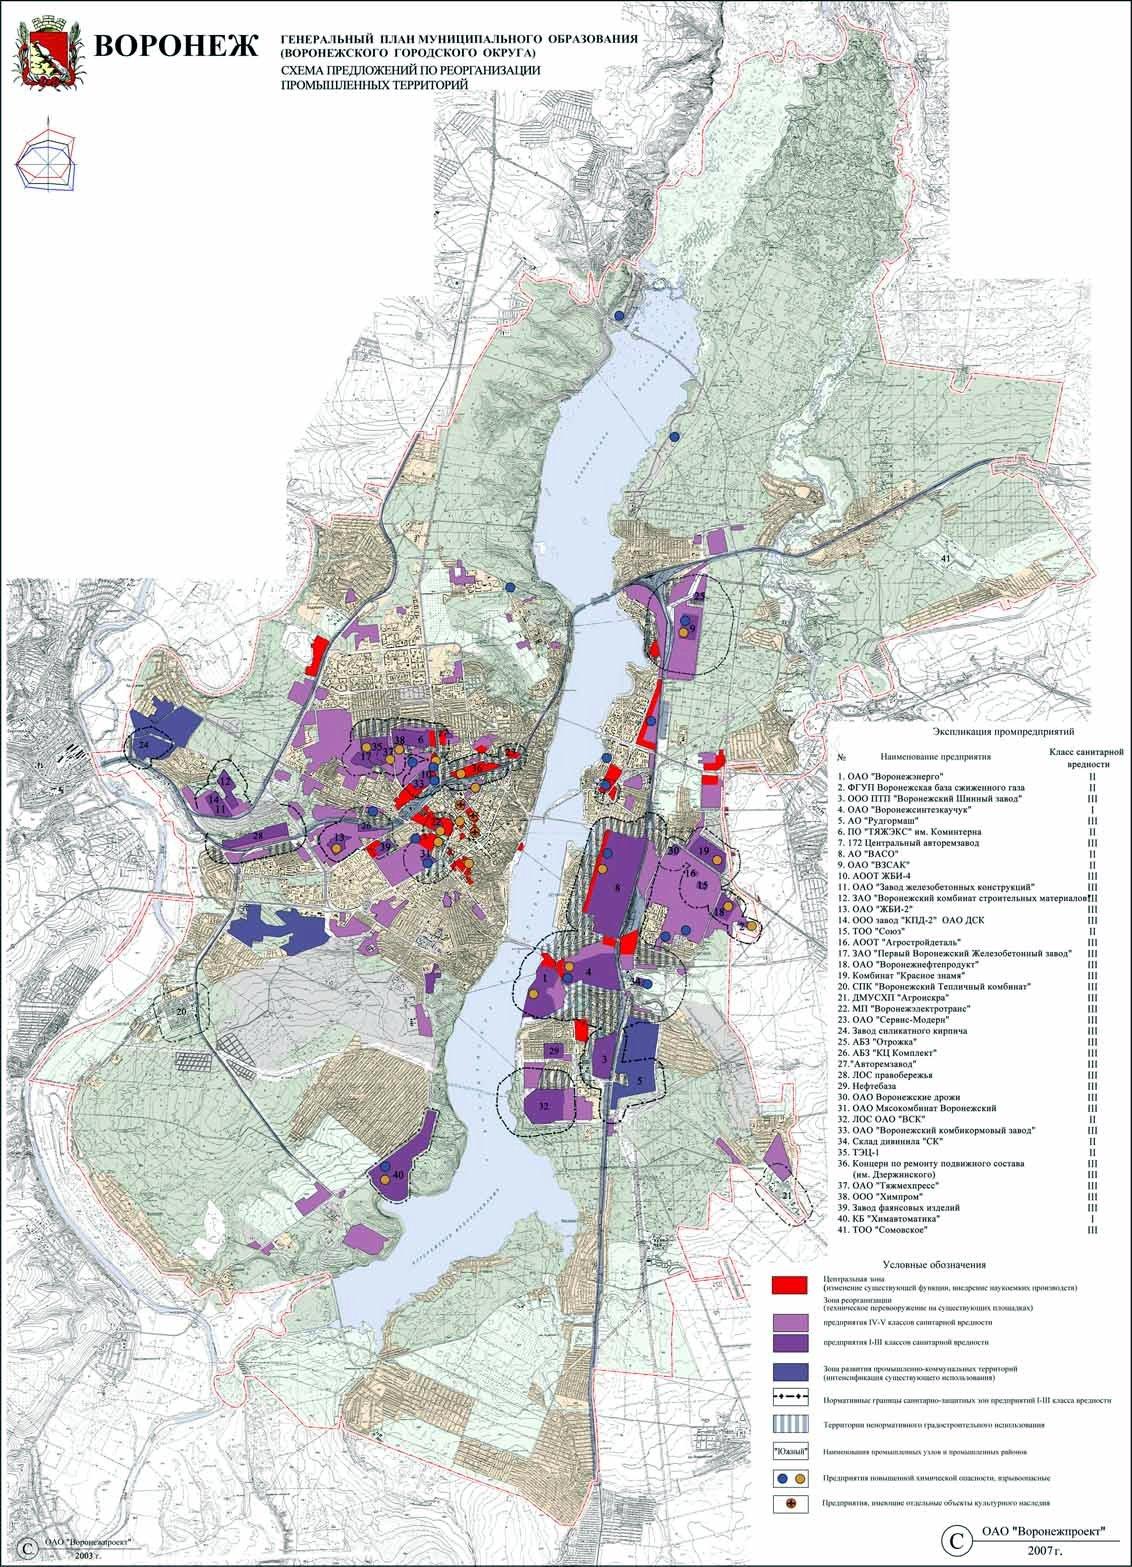 Схема предложений по реорганизации промышленных территорий